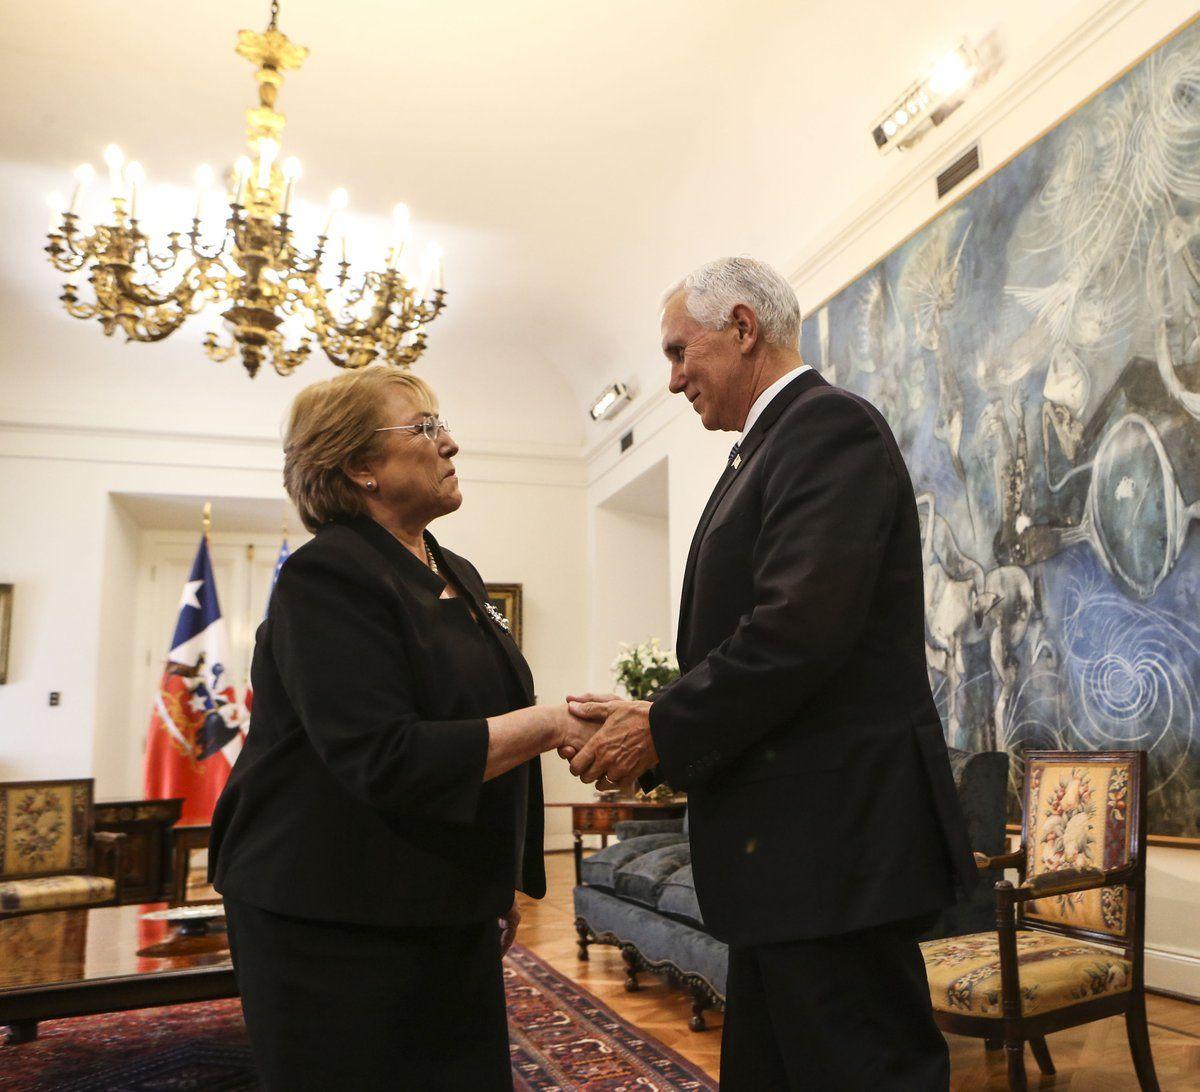 Vicepresidente de EEUU llega a Chile en gira marcada por crisis venezolana